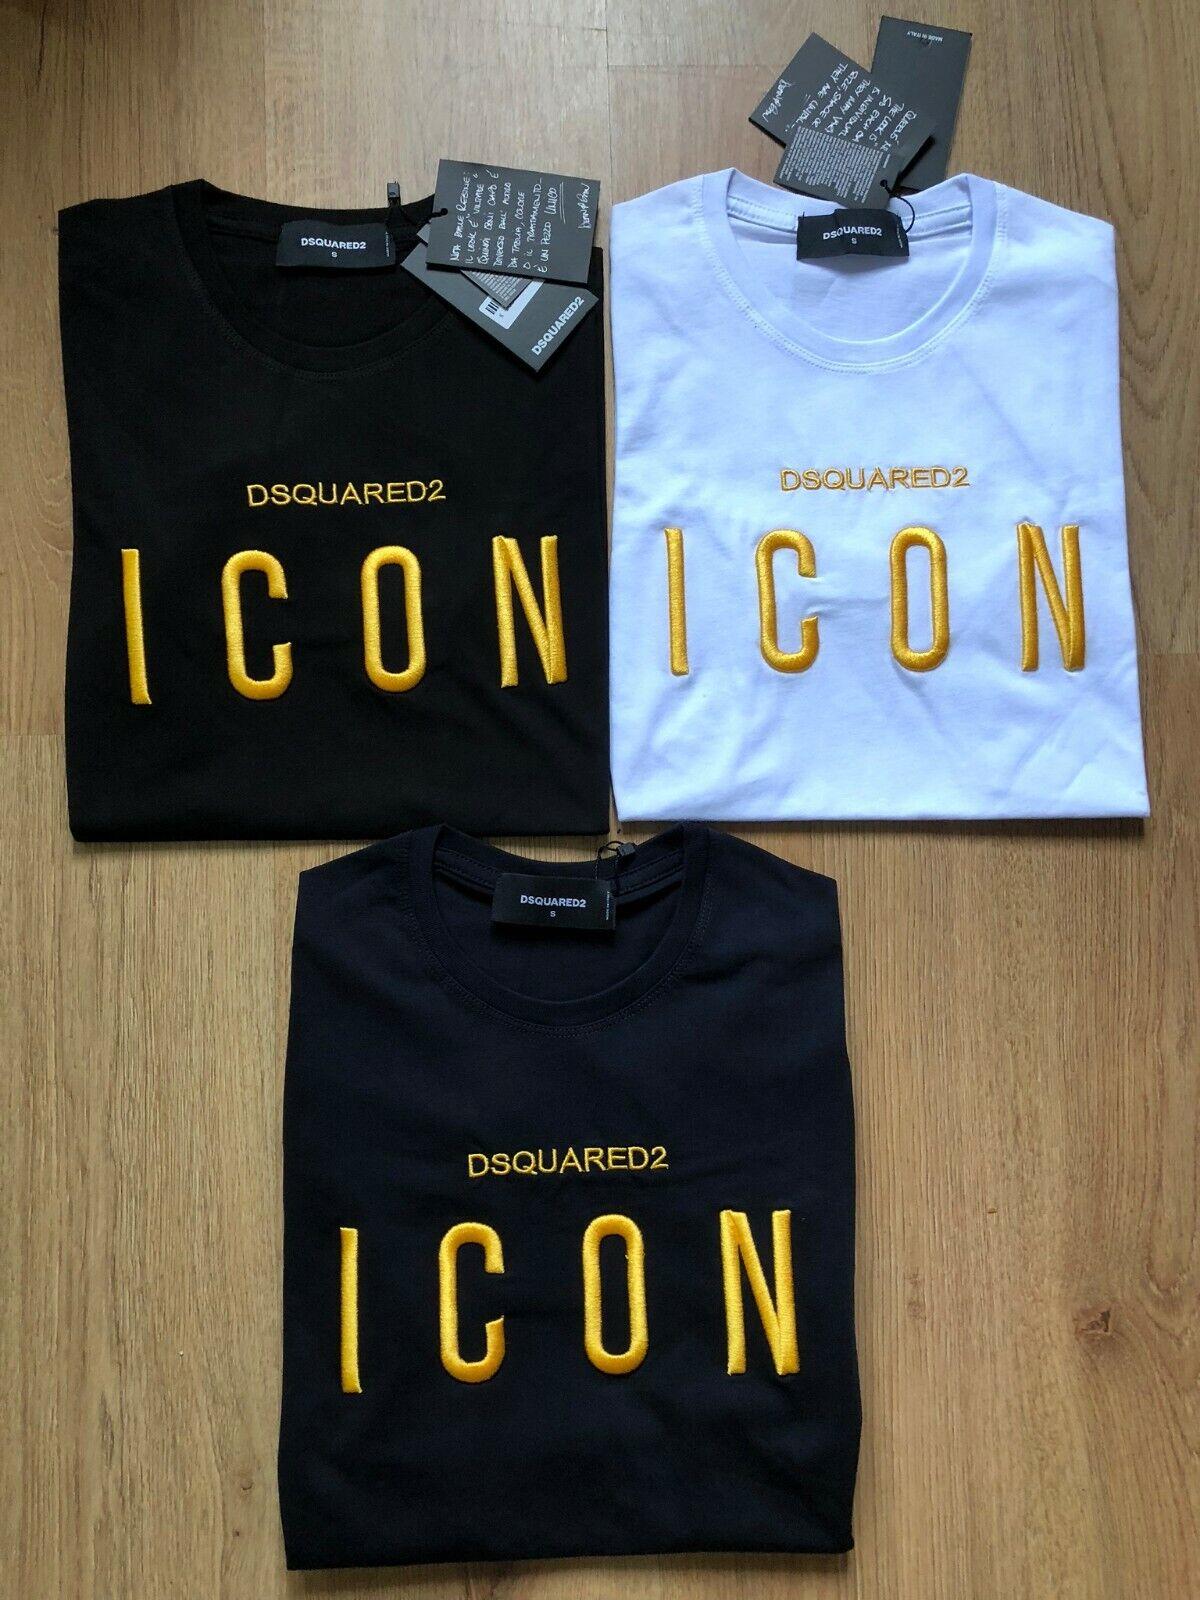 DSQUARED 2 Uomini Icona T-Shirt Maniche Corte 100% COTONE RICAMATO LOGO (icona)